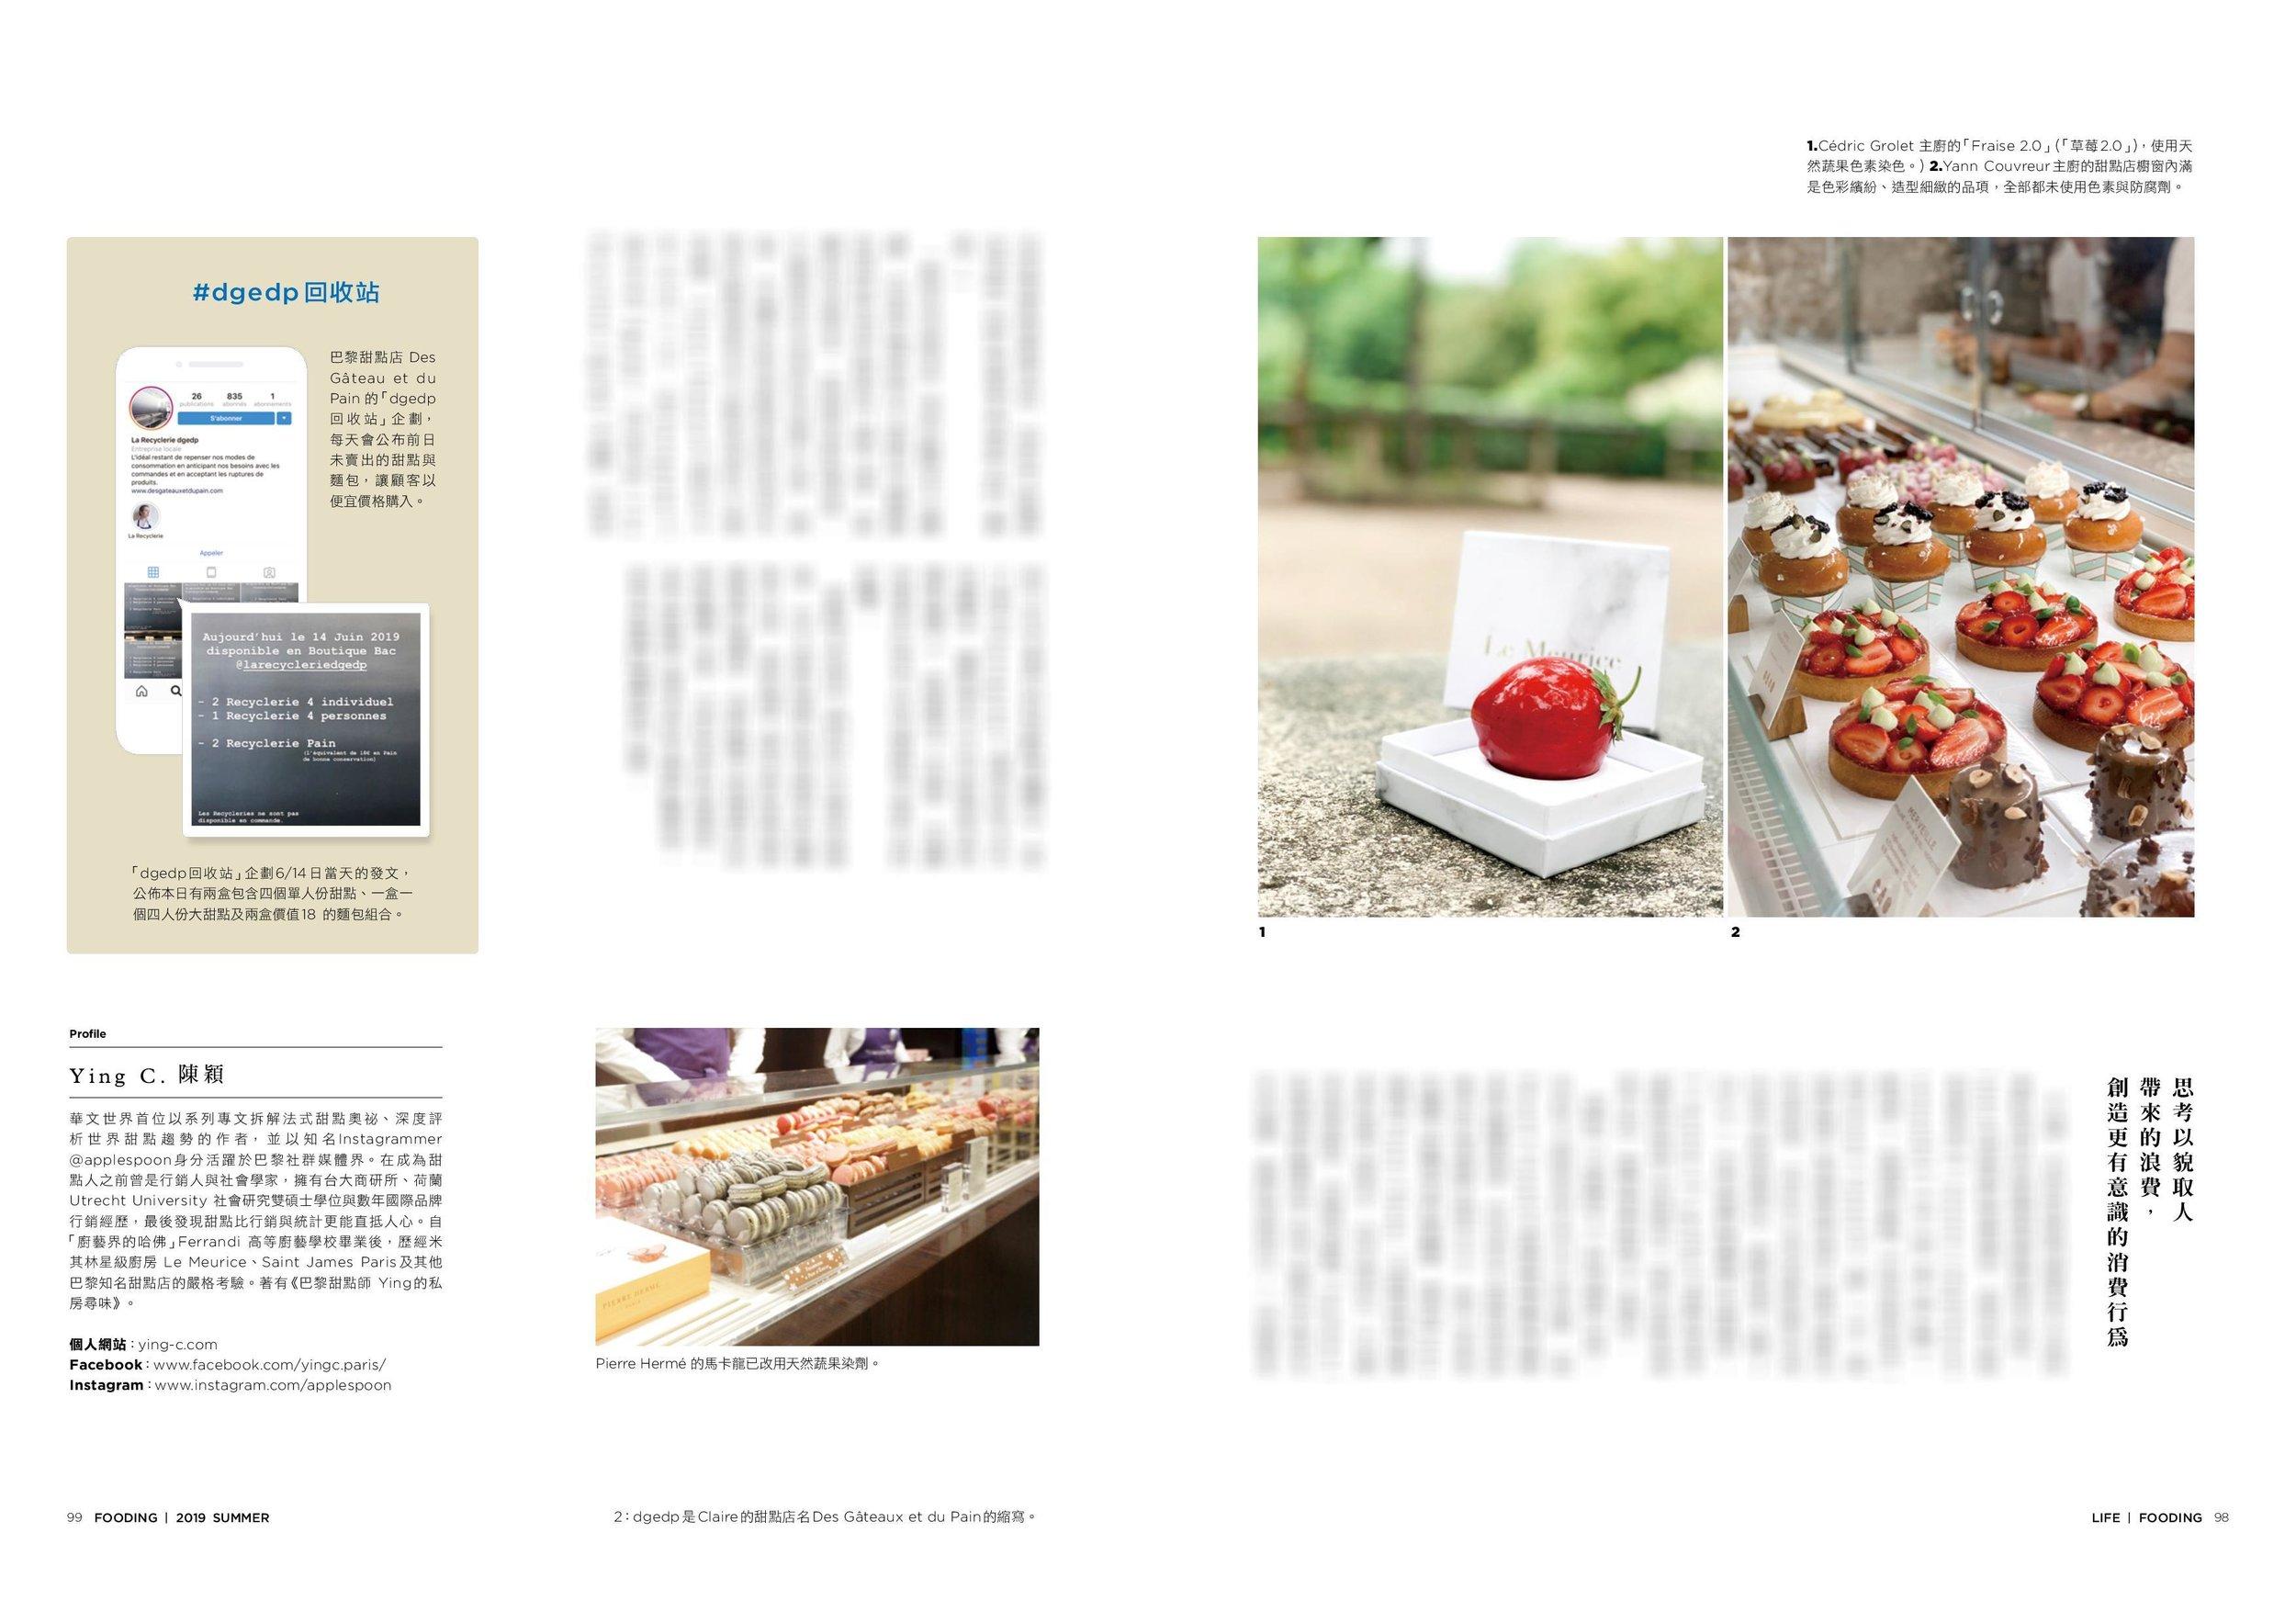 〈 IG 至上?社群媒體對法國甜點界的挑戰〉專文第 7、8 頁。( 好吃,日日好食誌 Bon Appétit!  第36期)